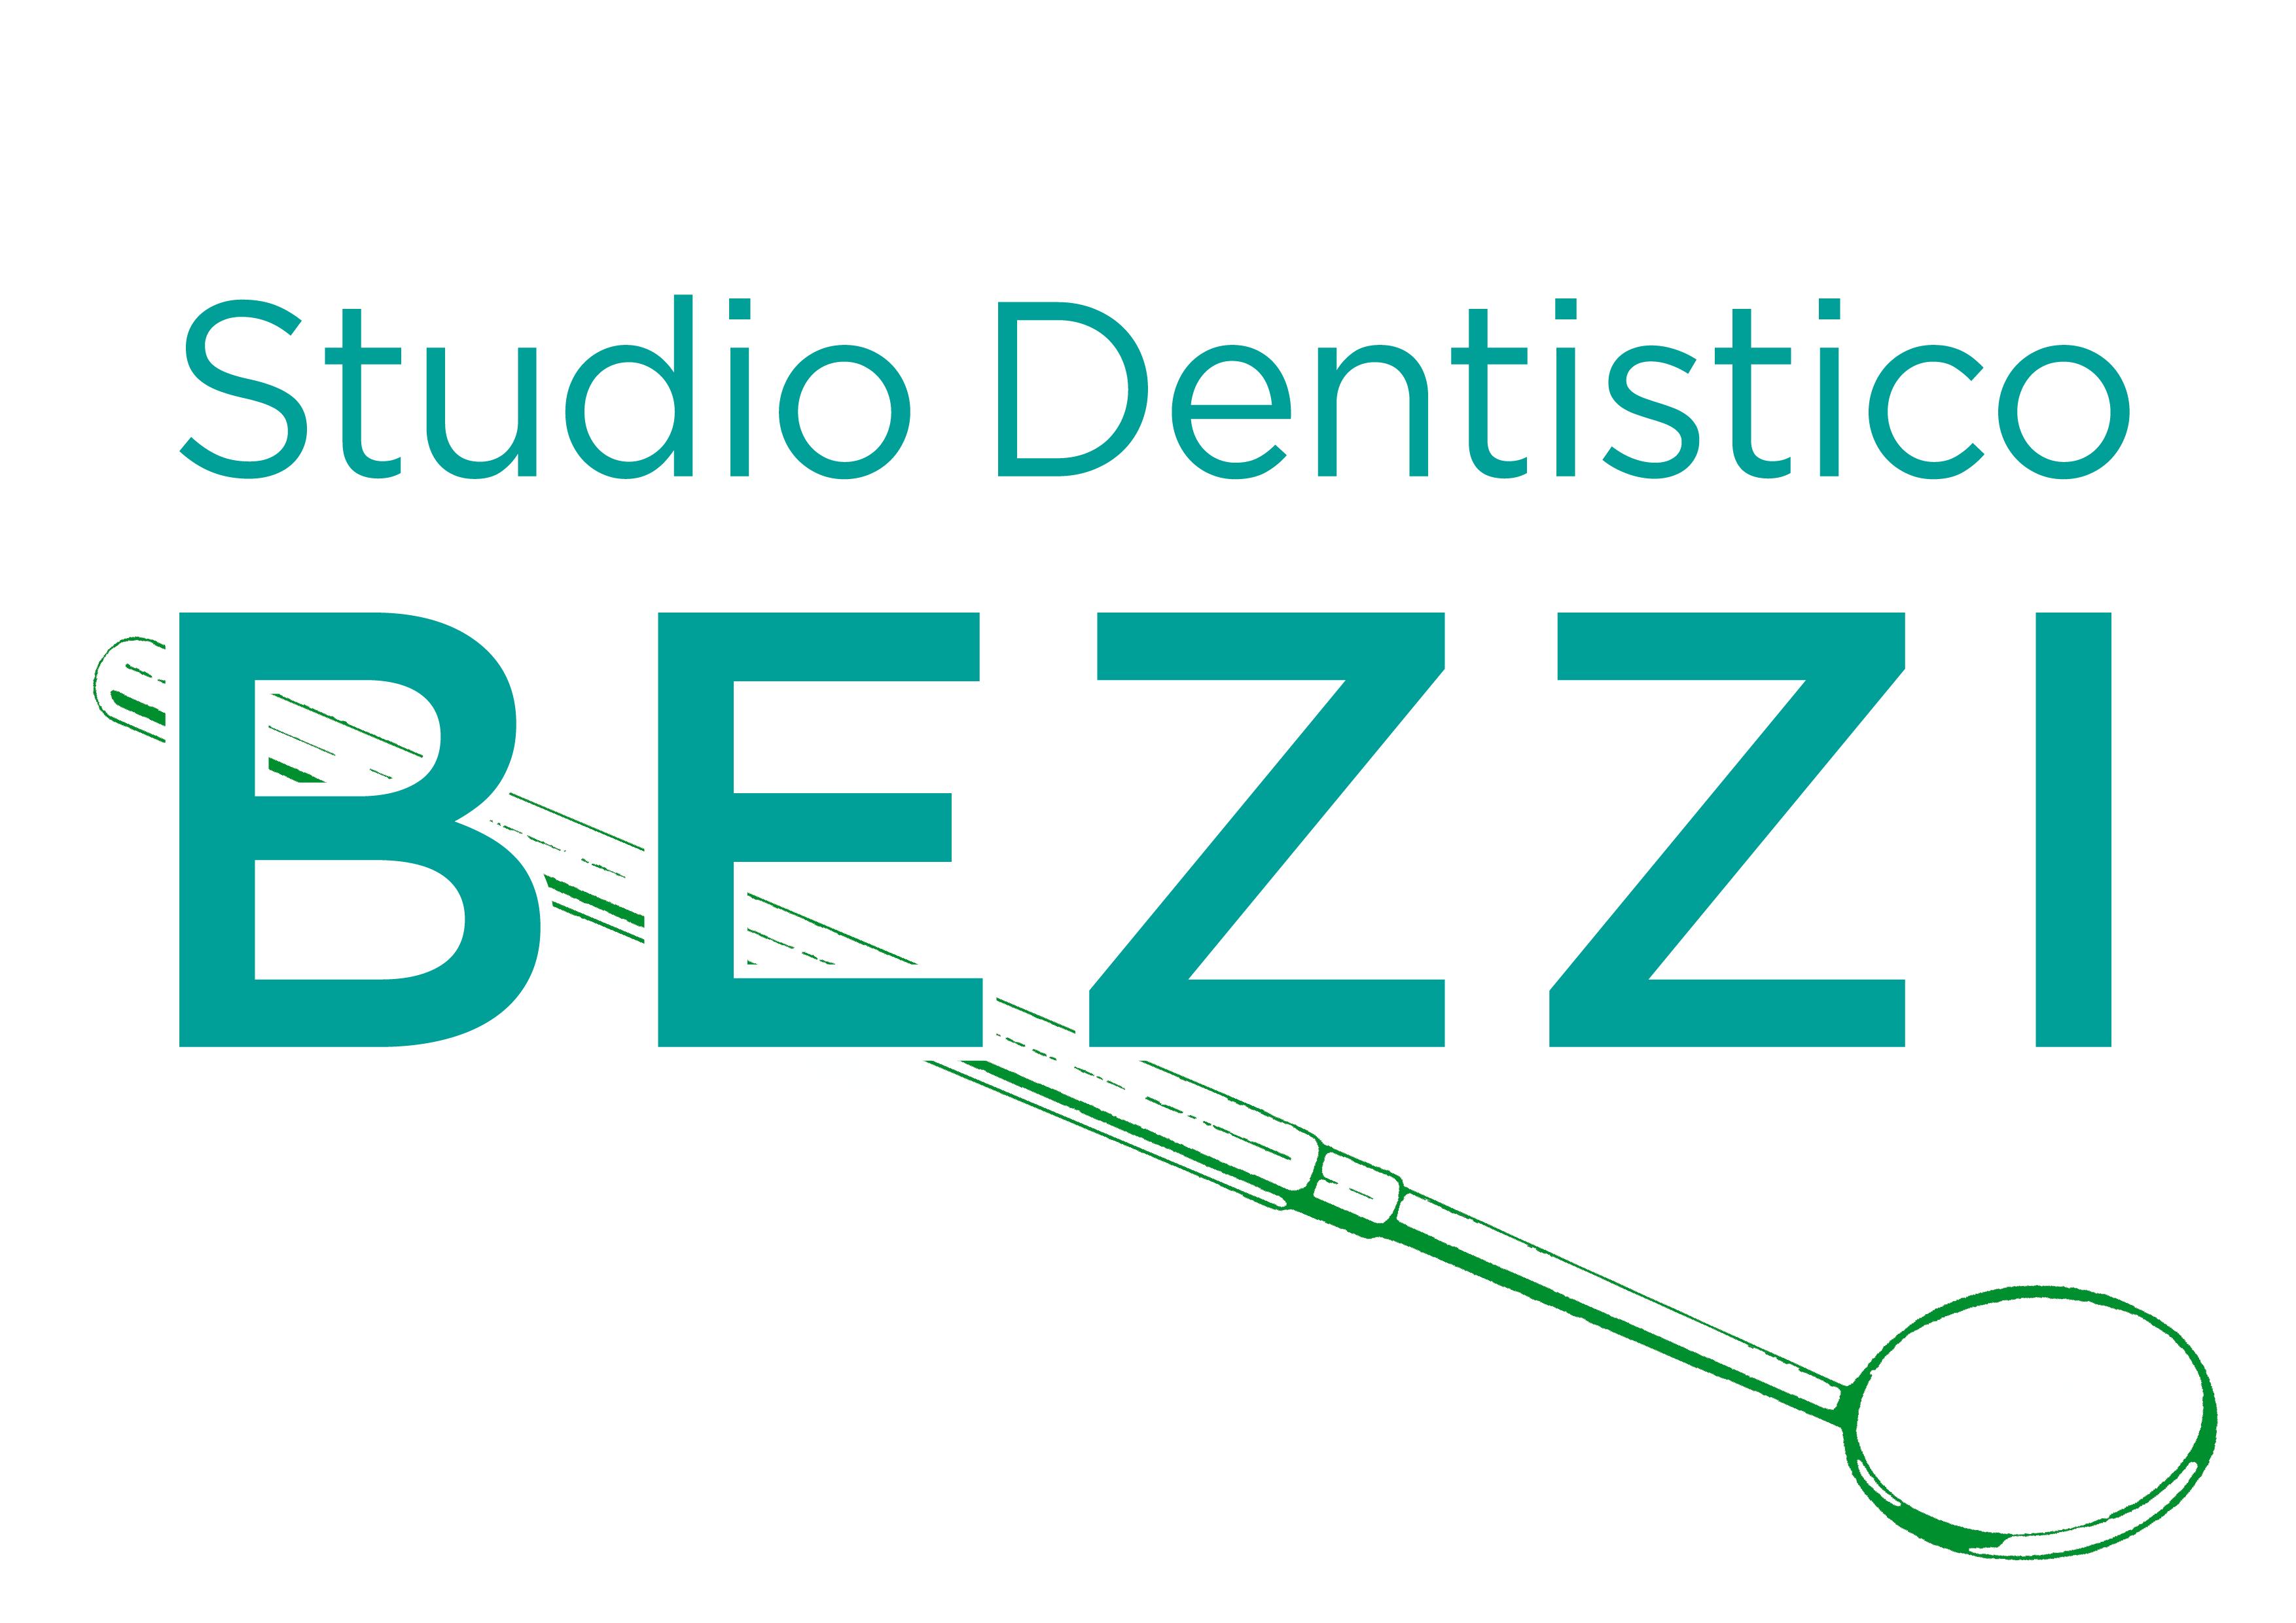 Lo Studio Dentistico Bezzi è un punto di eccellenza per la salute, la cura e la prevenzione dentale nella città di Torino